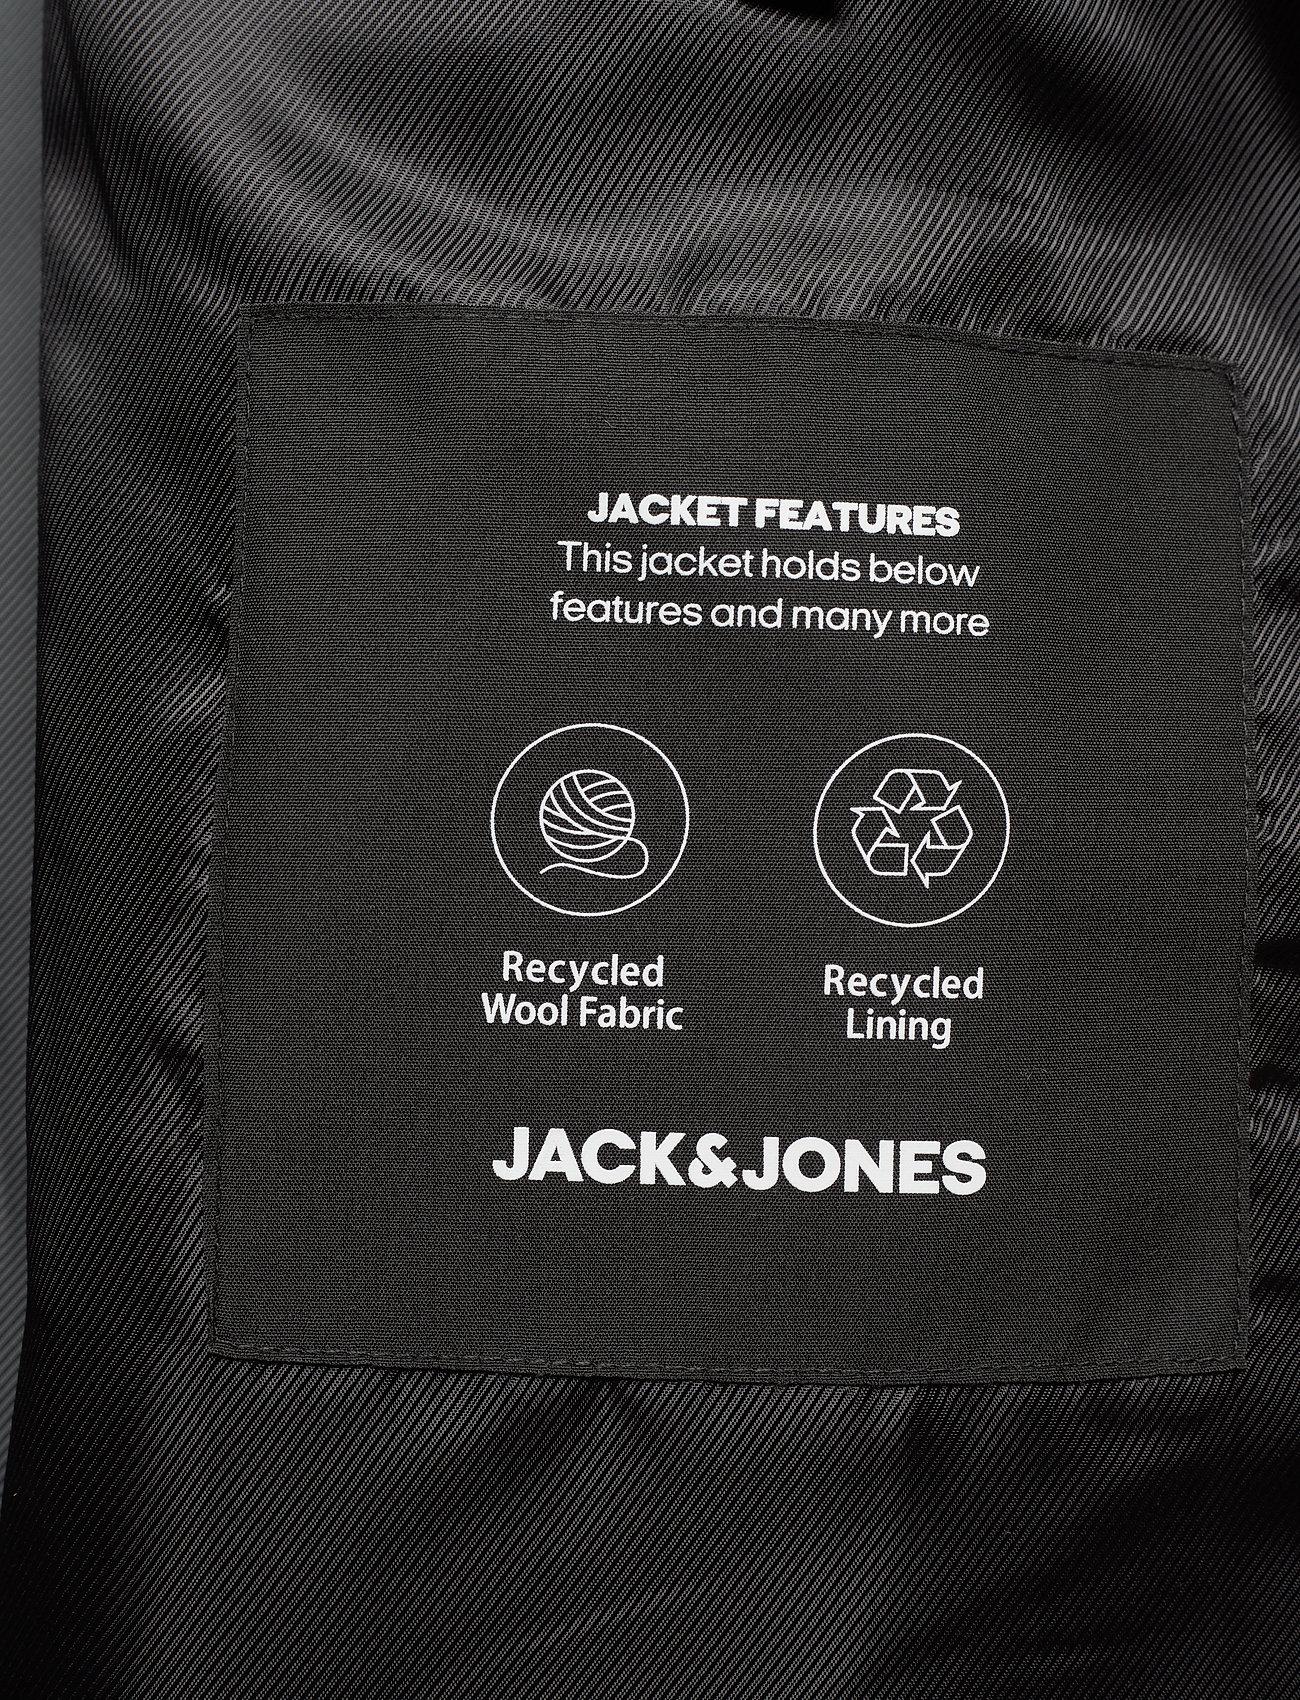 Jack & Jones JJEMOULDER WOOL COAT STS - Jakker og frakker KHAKI - Menn Klær